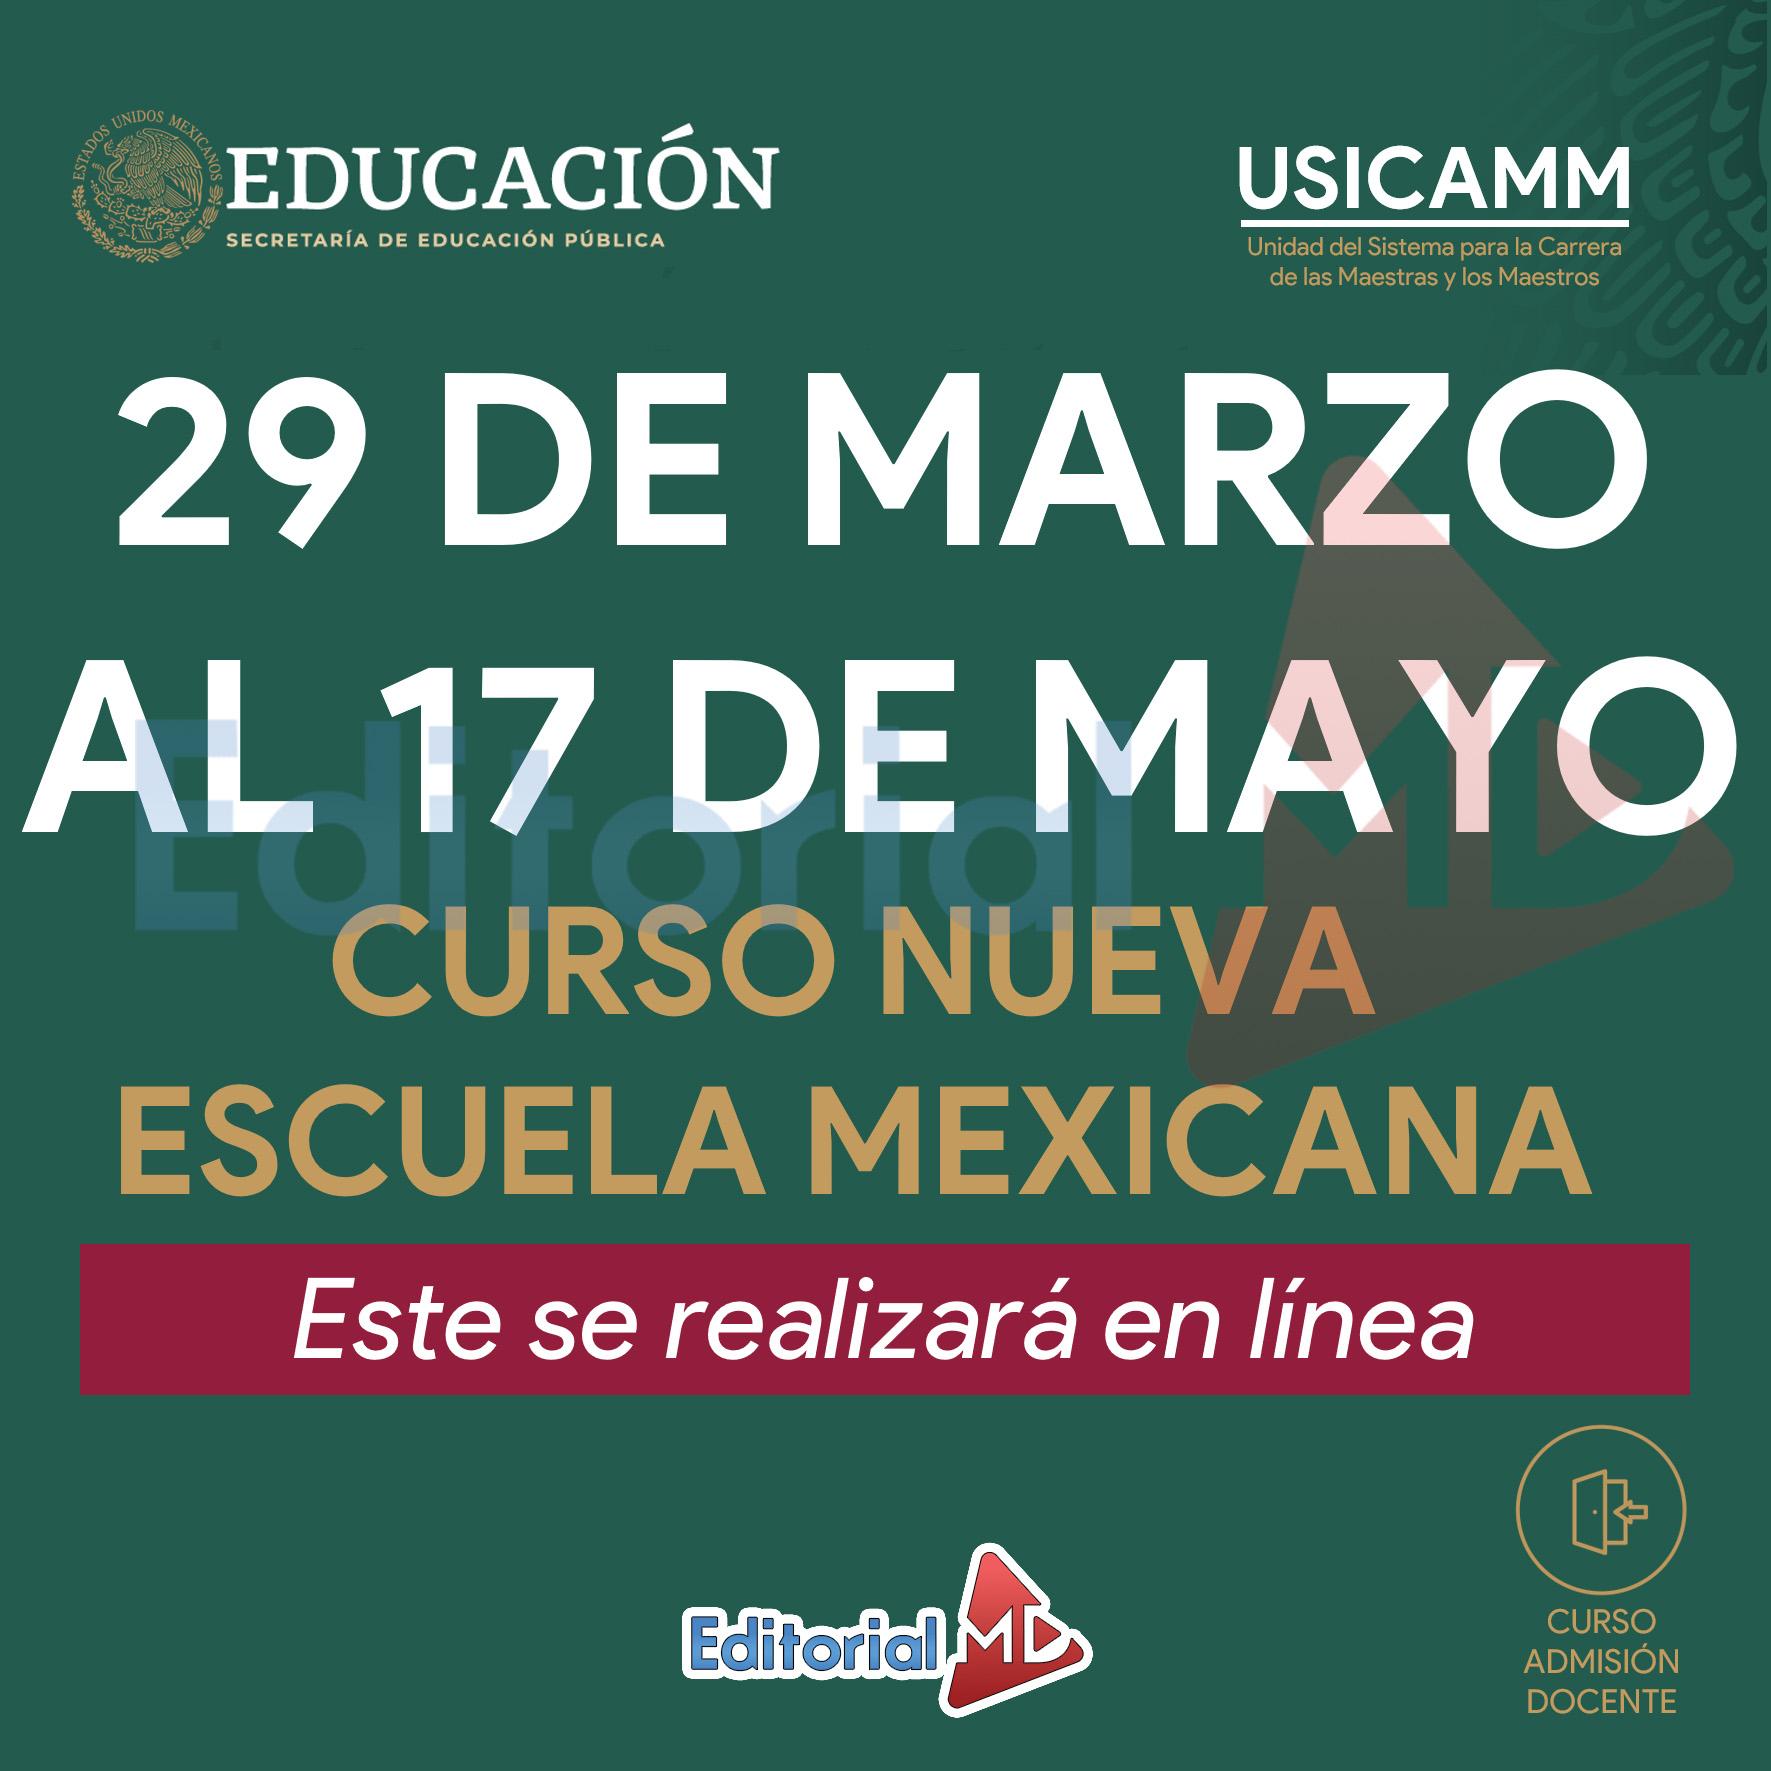 29 de Marzo al 17 de Mayo (Curso Nueva Escuela Mexicana)